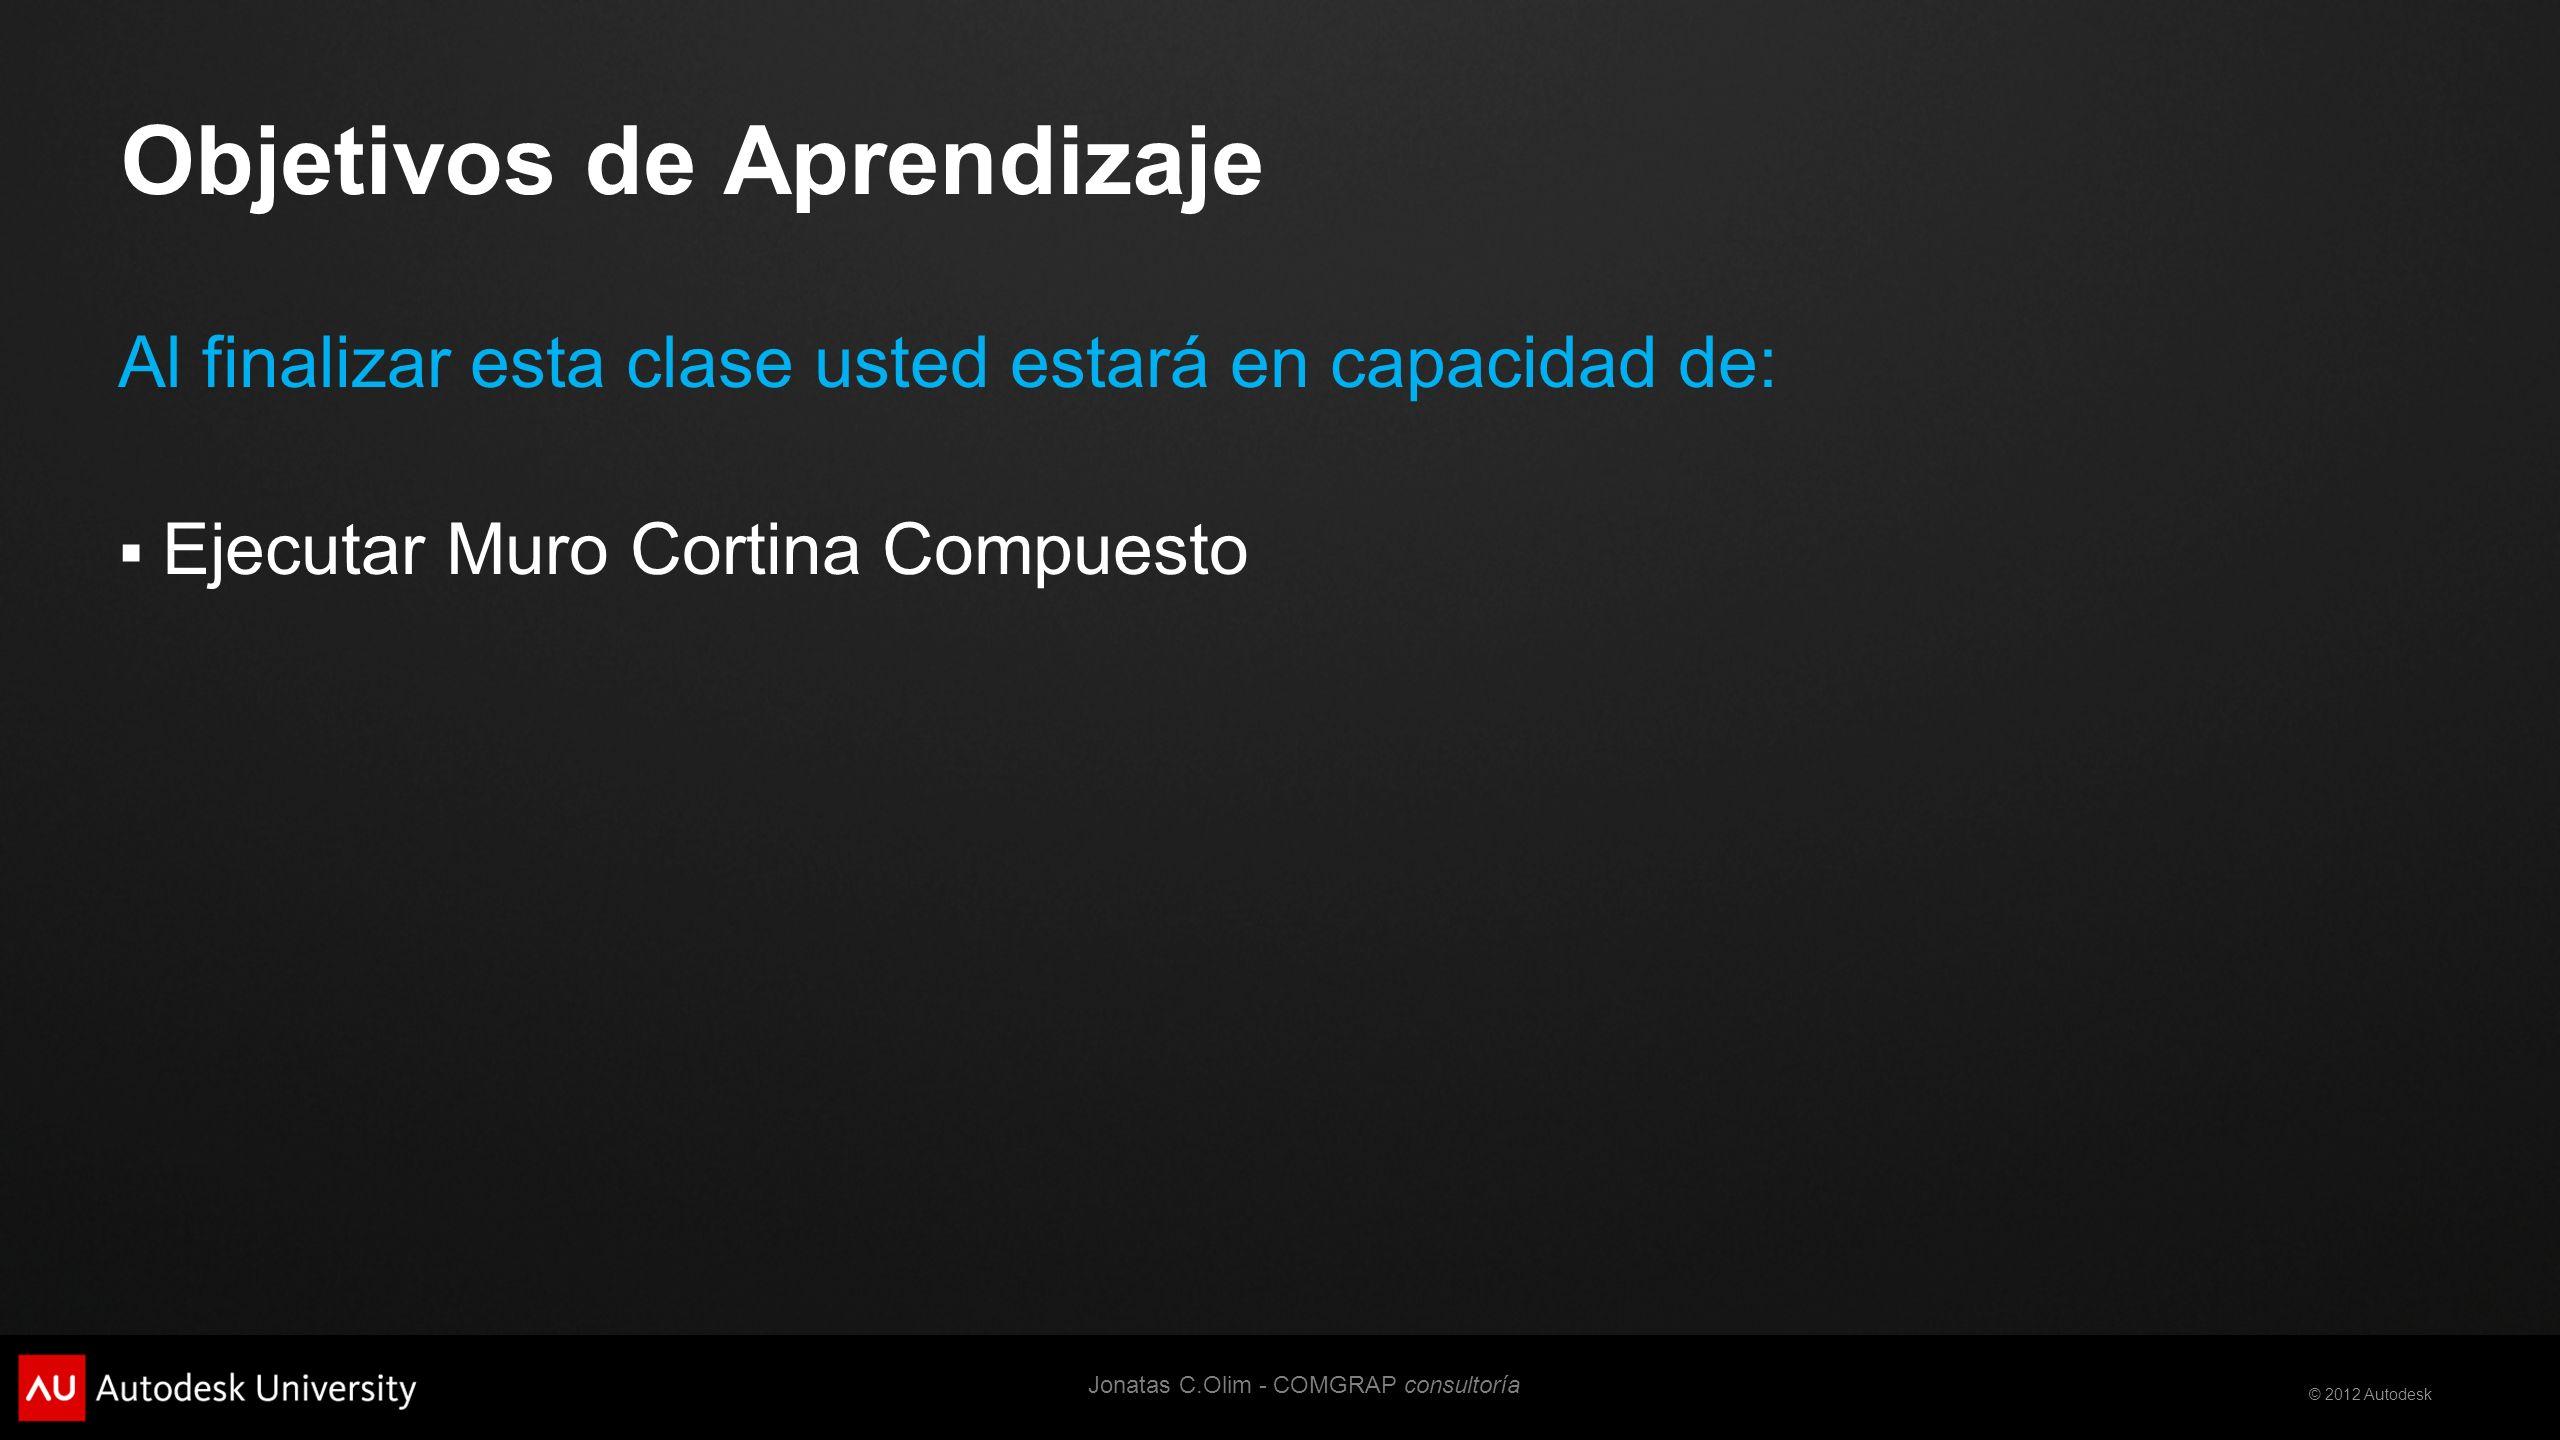 © 2012 Autodesk Objetivos de Aprendizaje Al finalizar esta clase usted estará en capacidad de: Ejecutar Muro Cortina Compuesto Jonatas C.Olim - COMGRAP consultoría